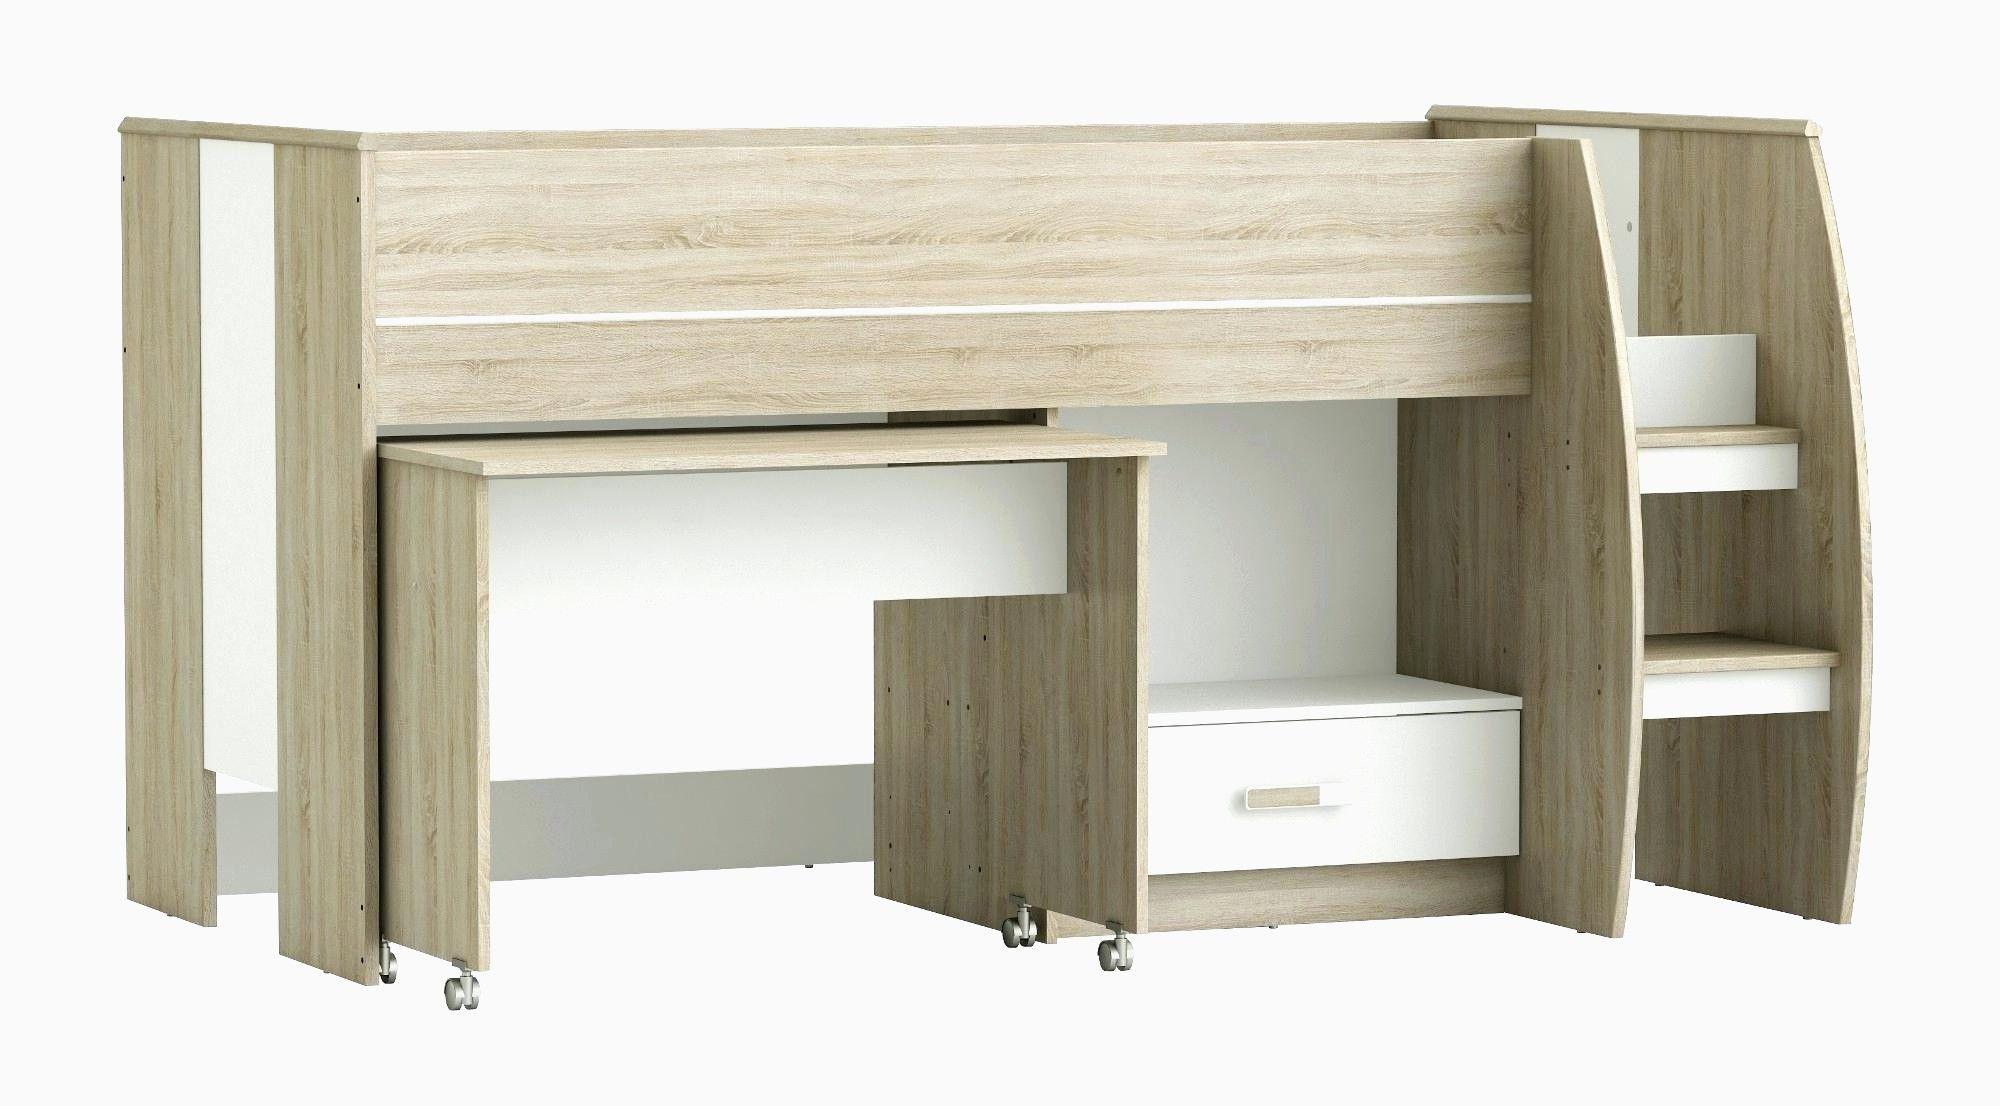 Bildergebnis für hochbett unterbau Loft betten, Bett